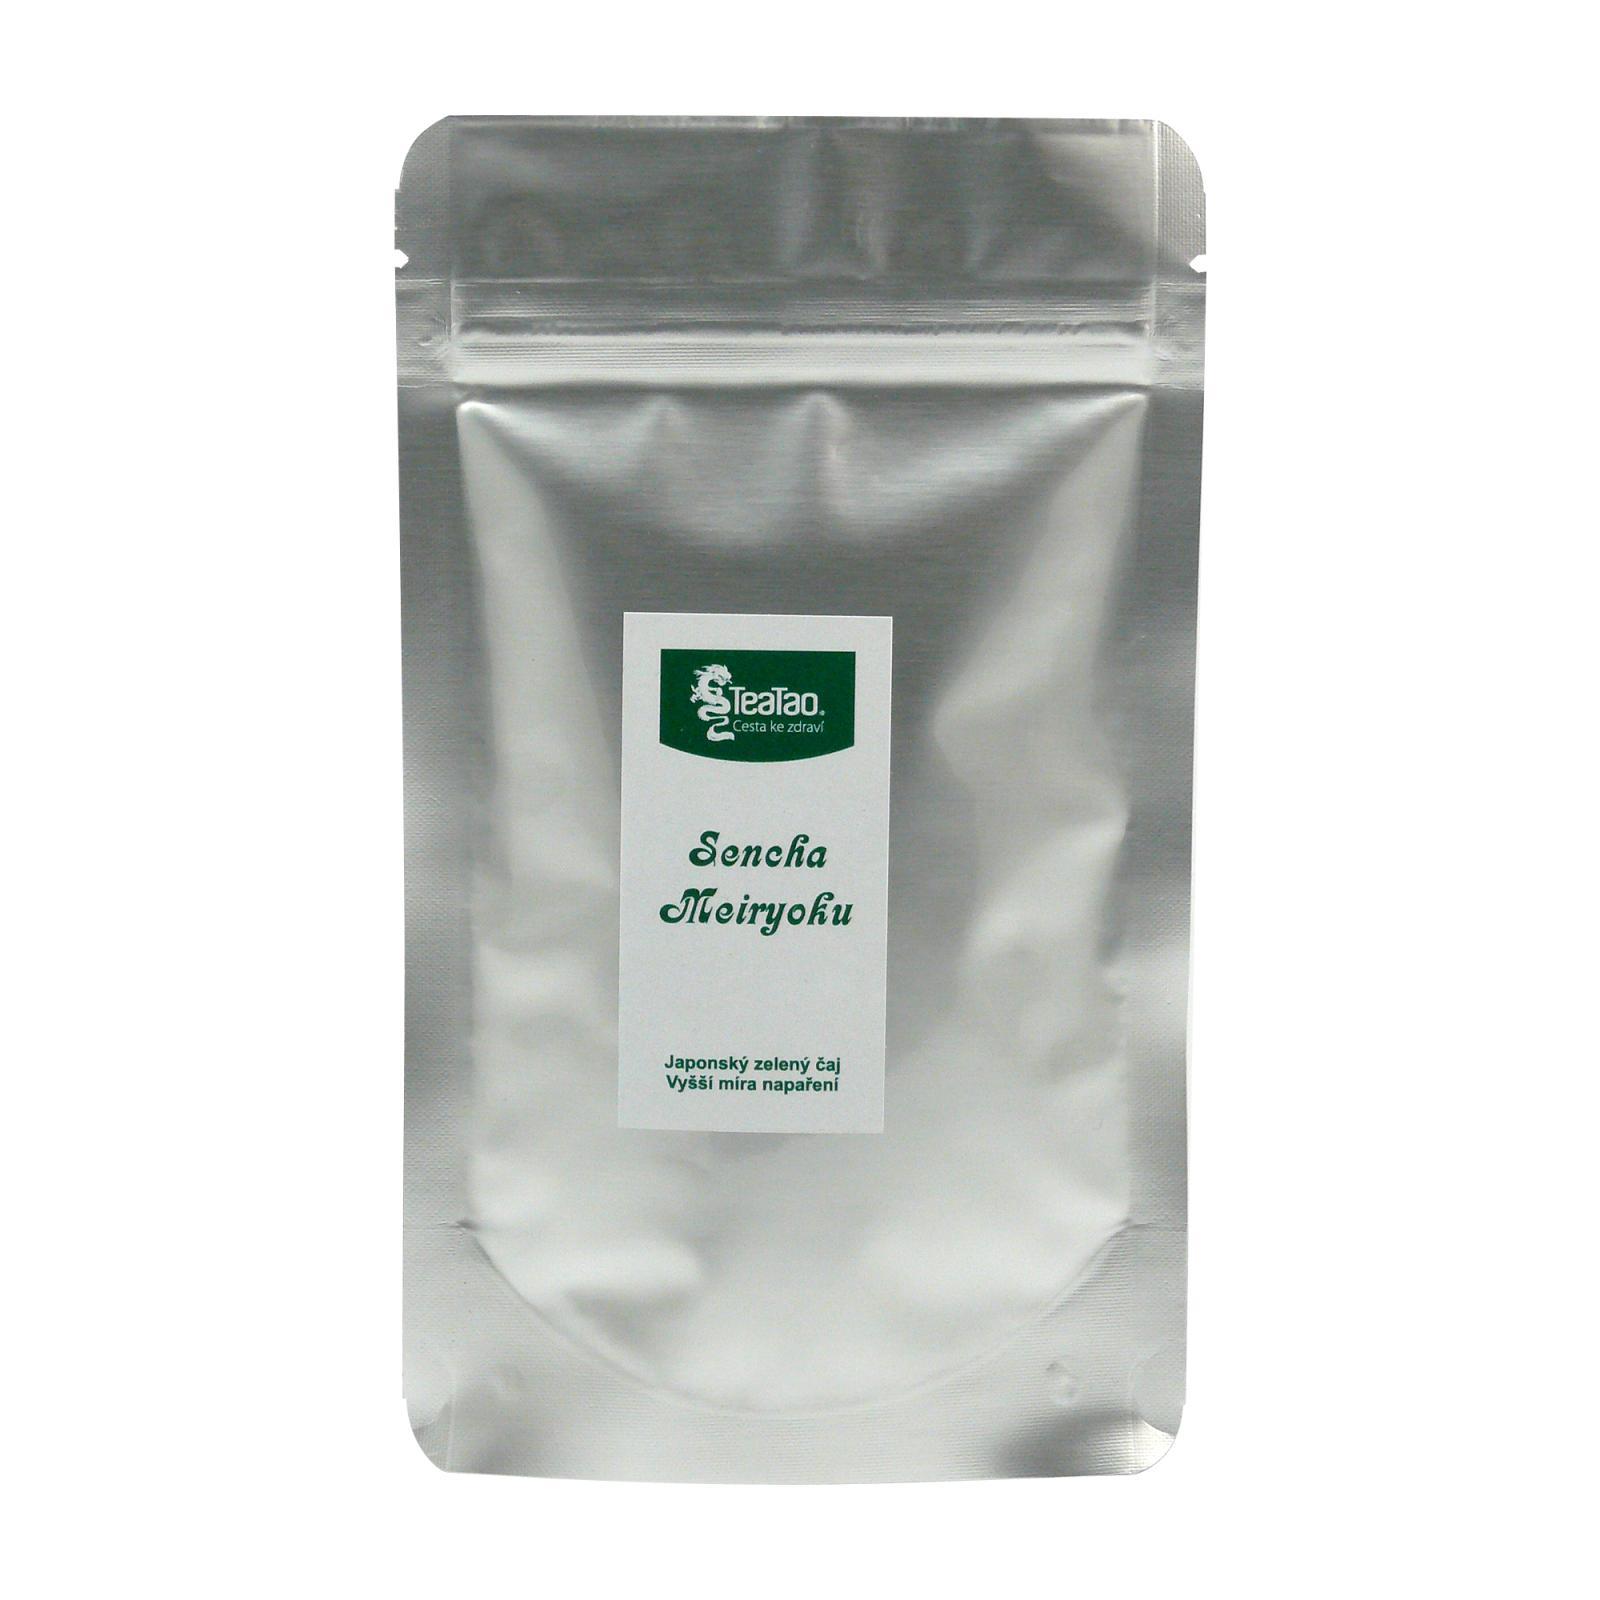 TeaTao Zelený čaj Sencha Meiryoku, sypaný 50 g